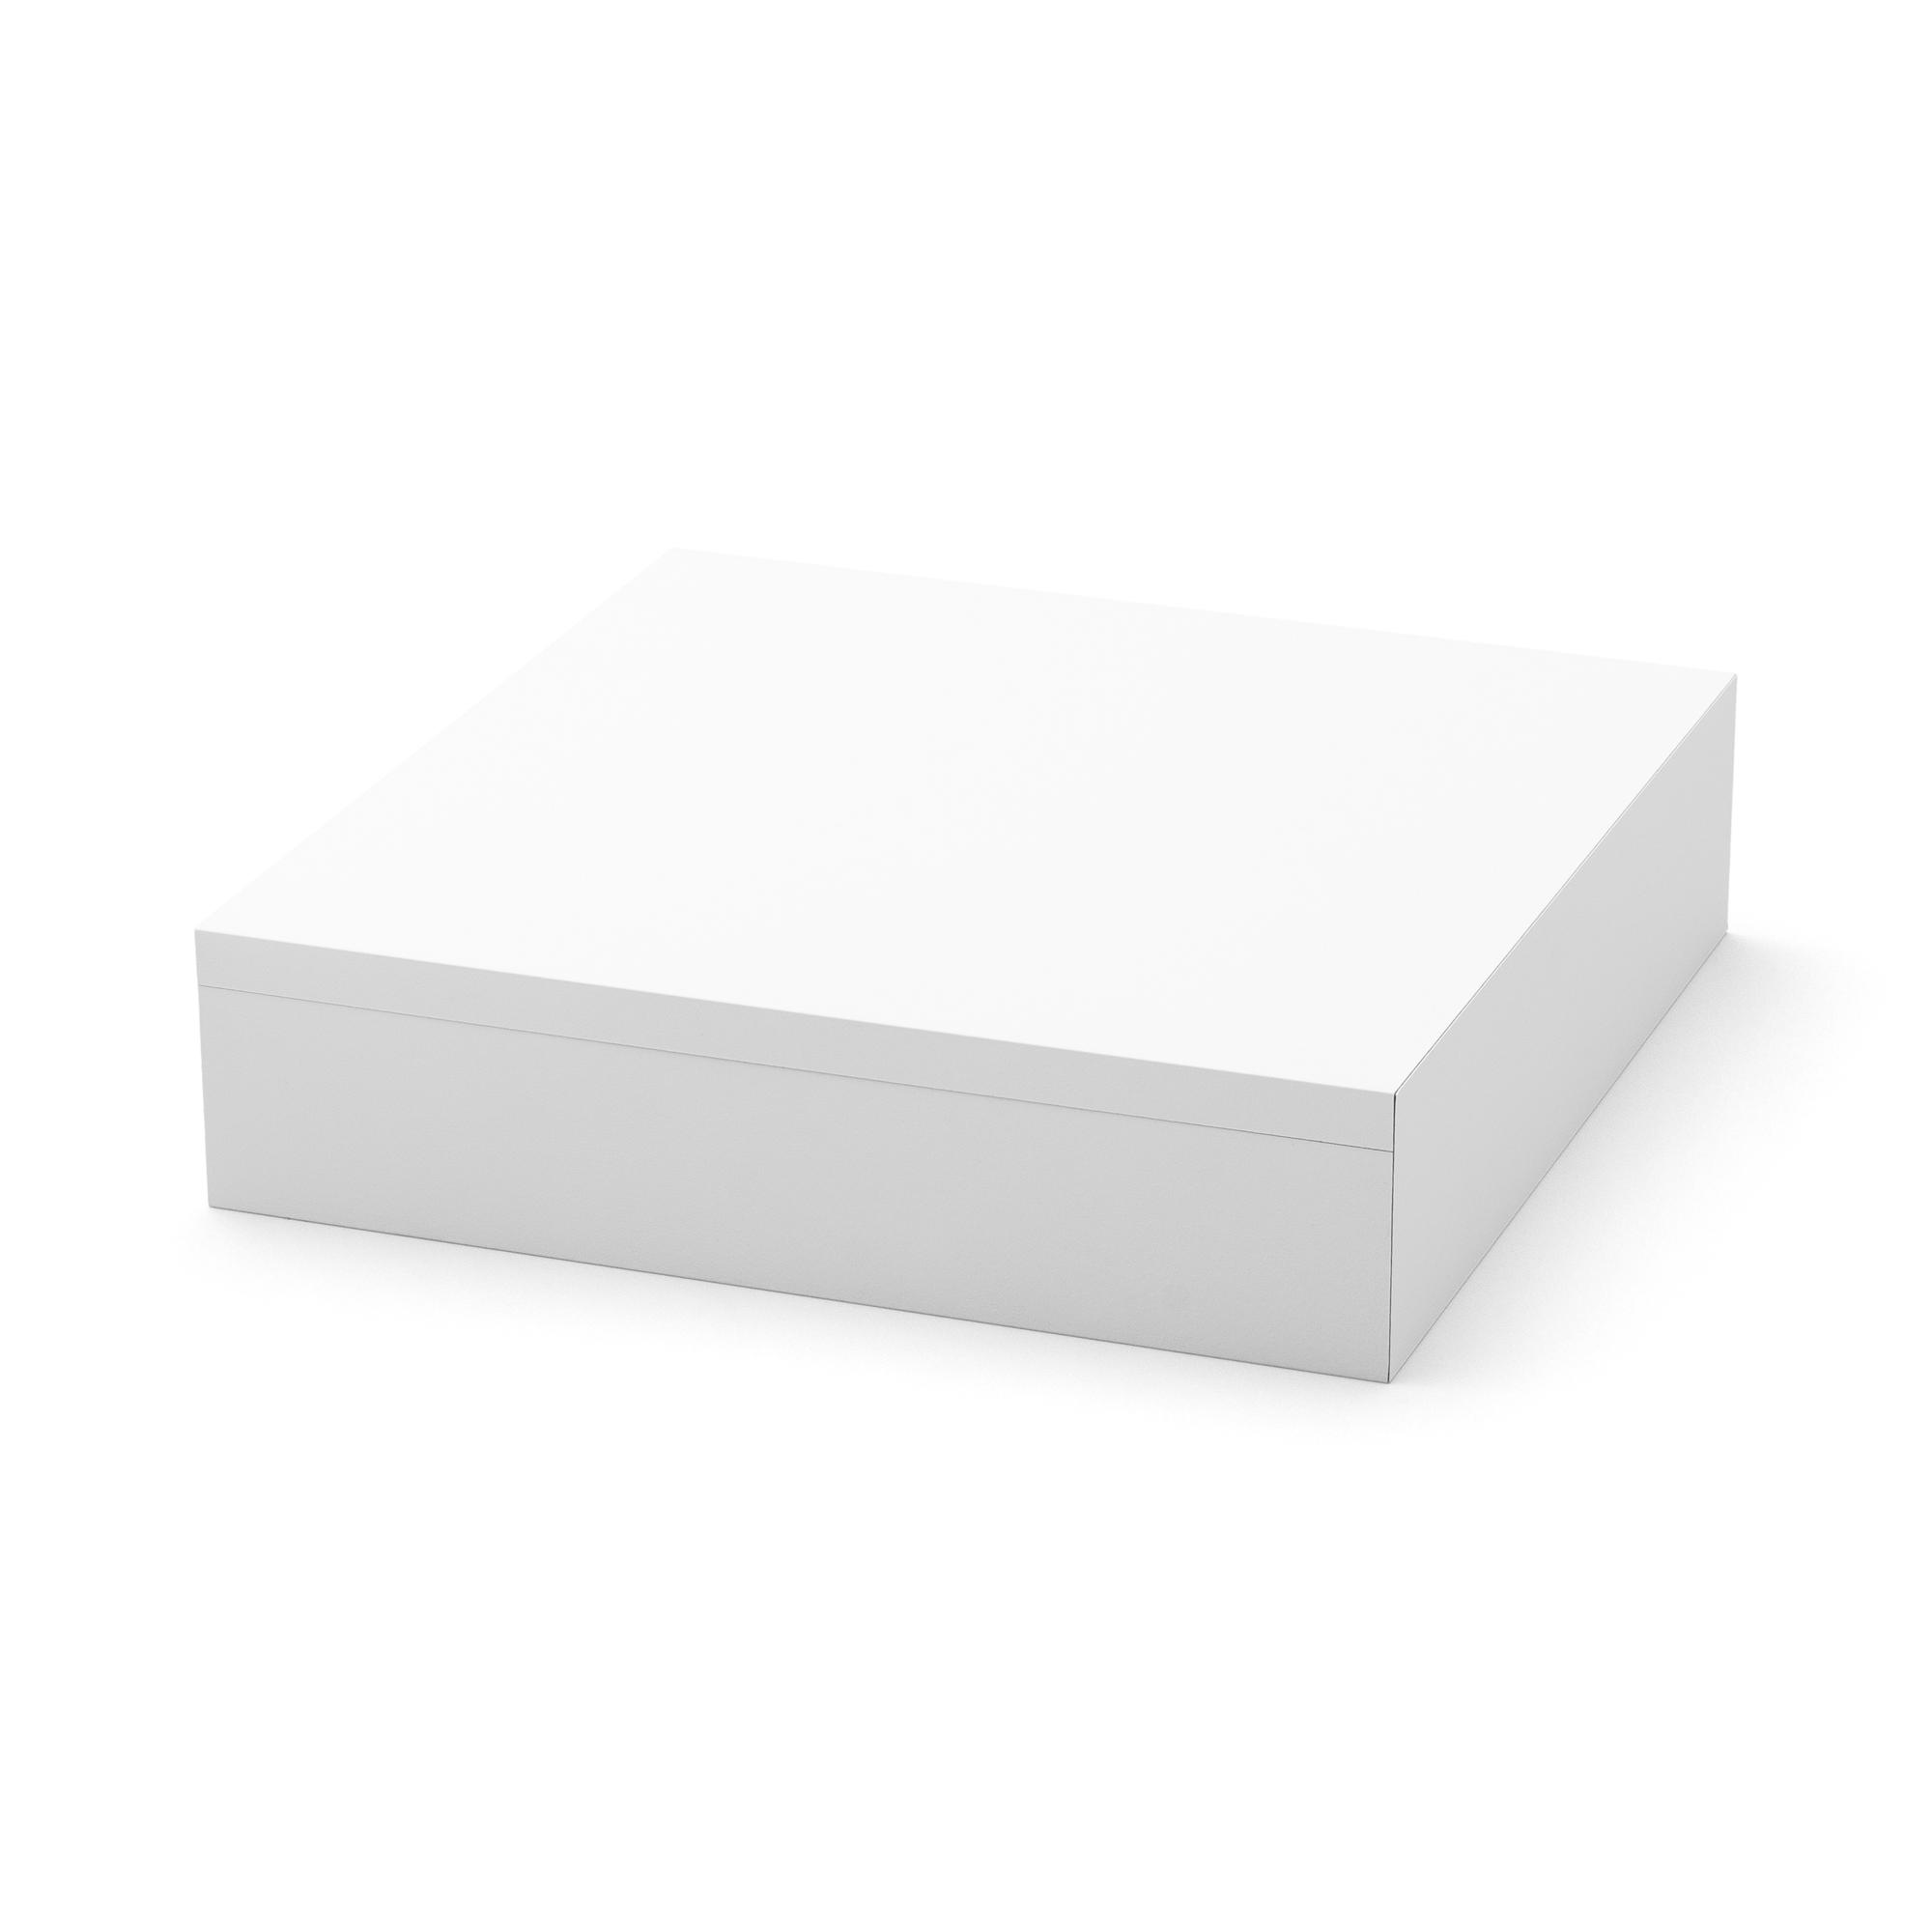 WHITEBOX Kette groß